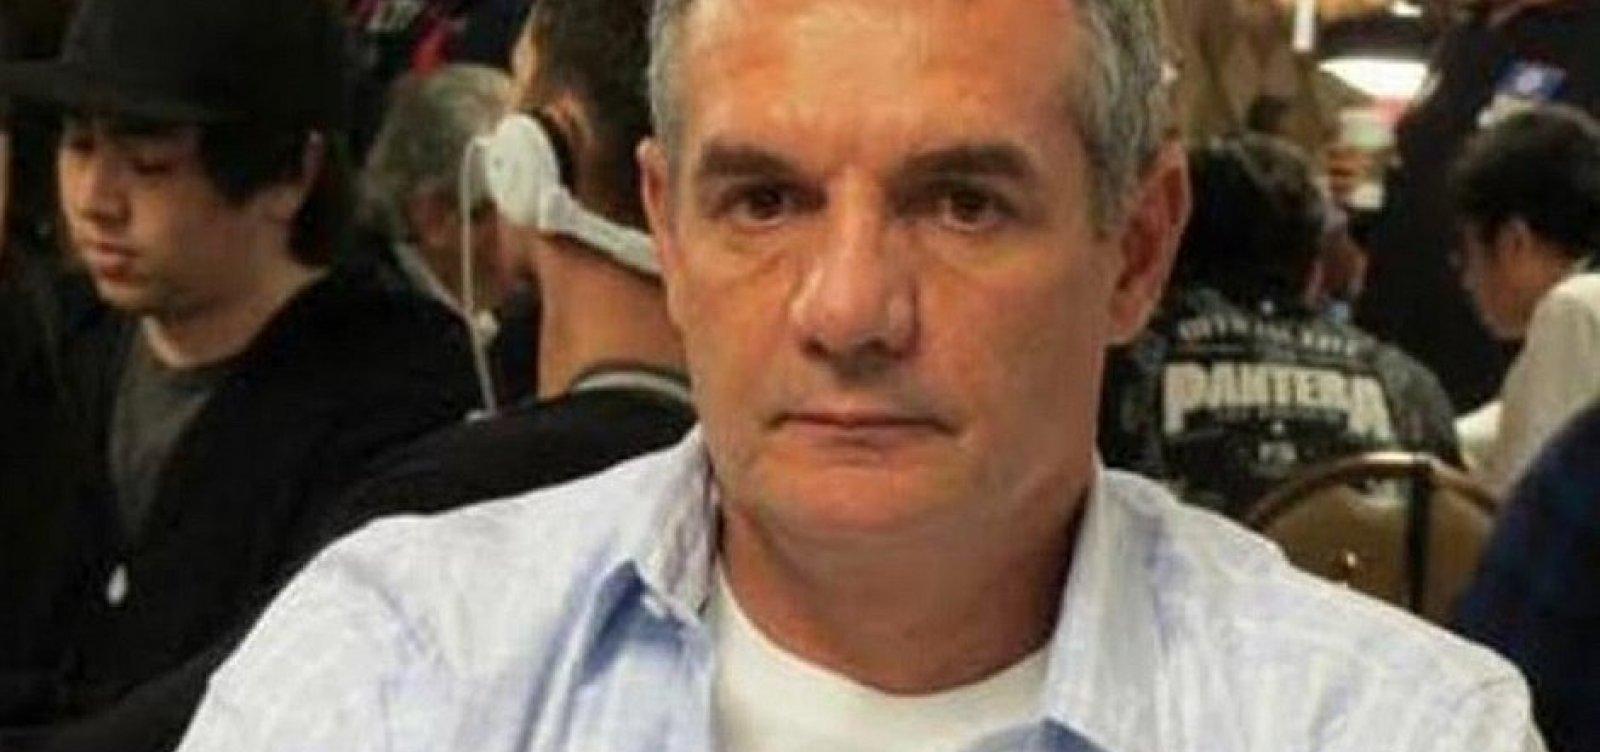 Agricultor assassinado em Barreiras denunciou tentativa de invasão por investigado na Faroeste